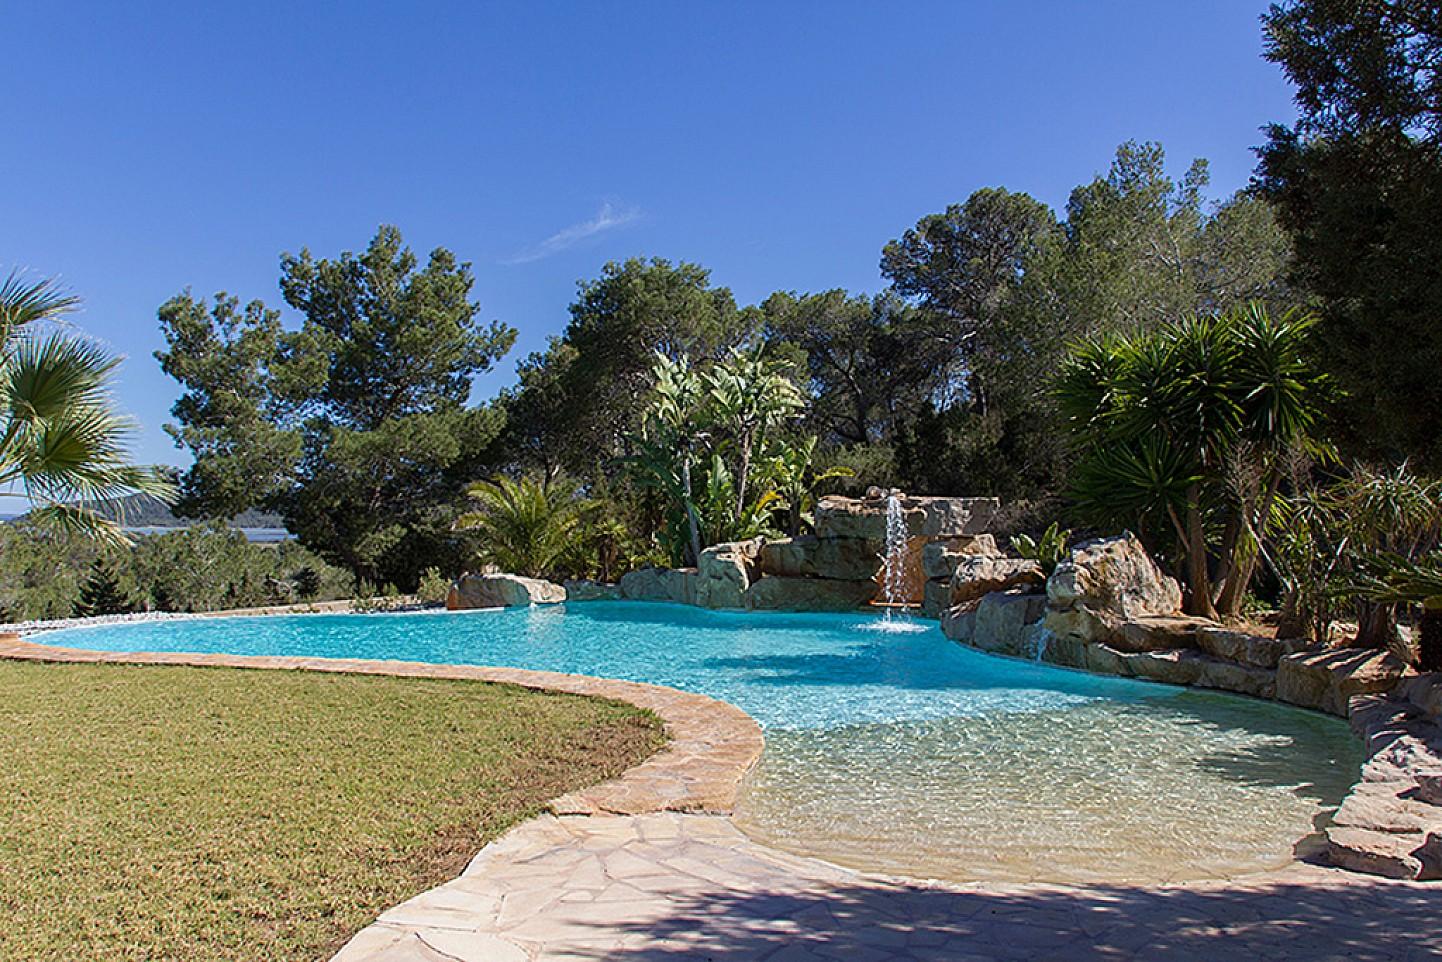 Gran piscina amb hamaques